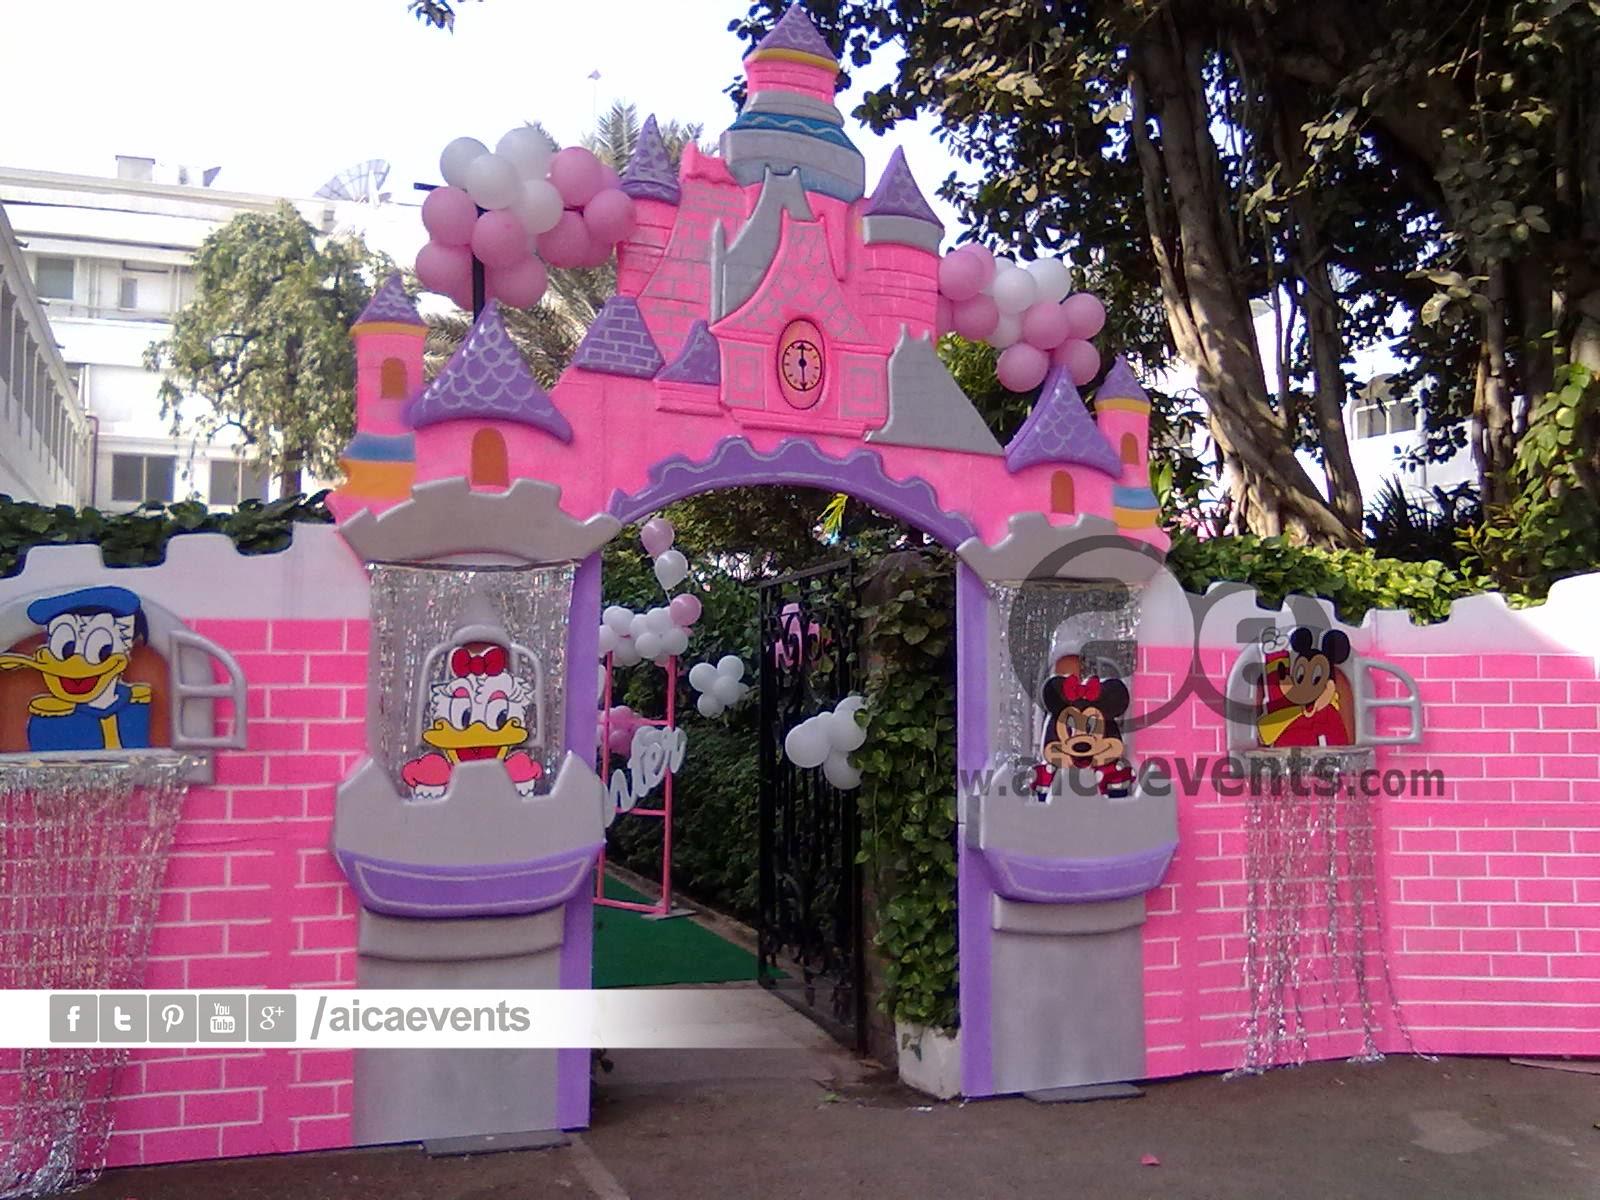 aicaevents: Castle and Princess Theme Decorations